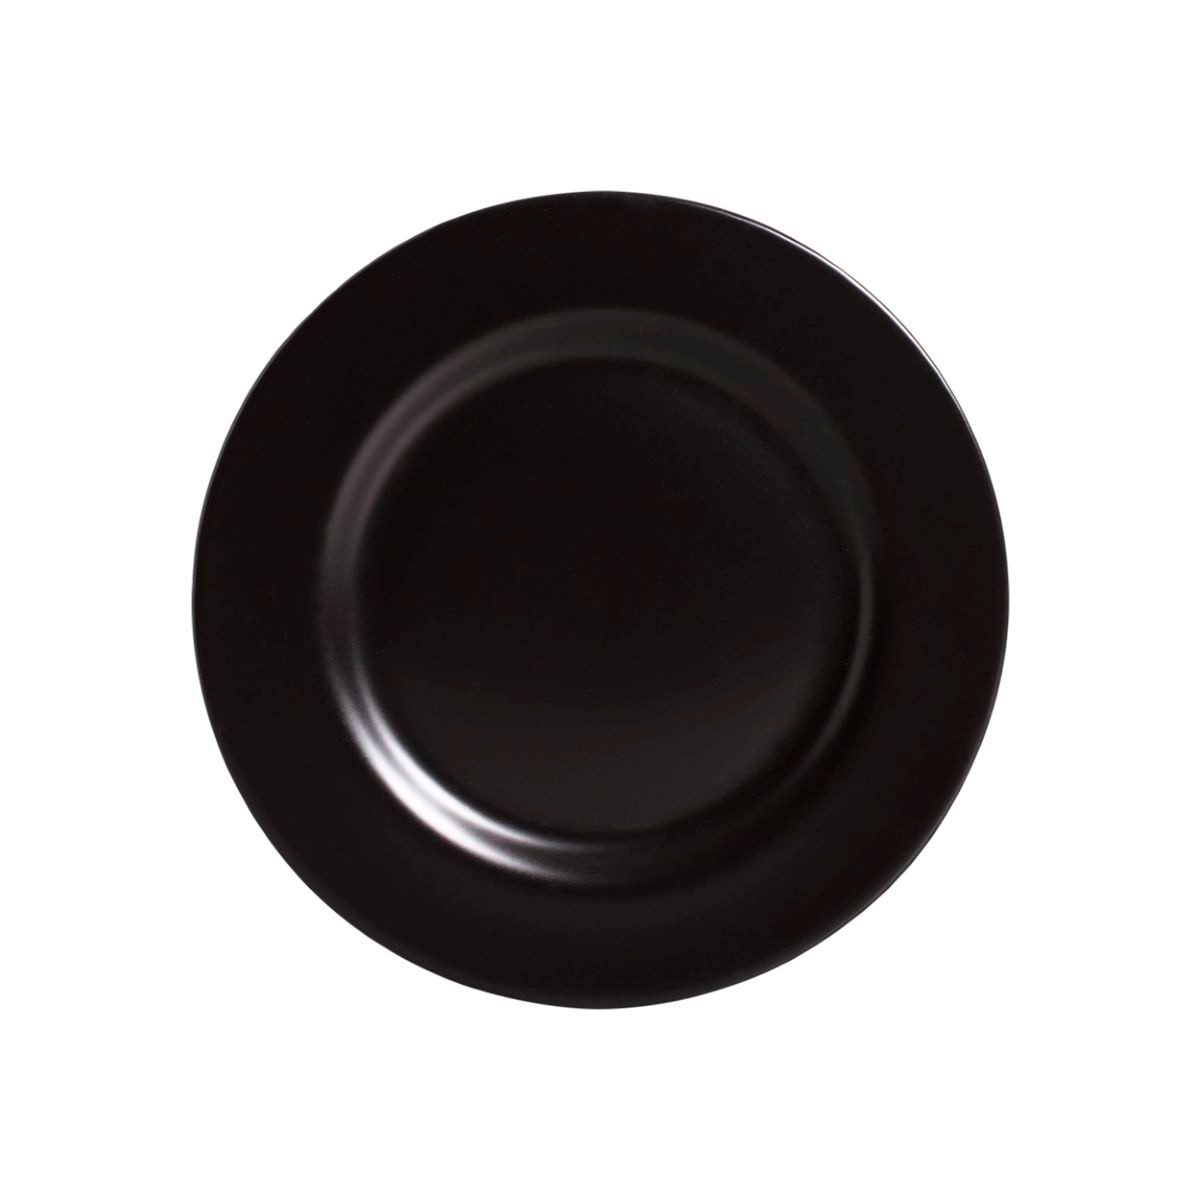 Prato Sobremesa Preto Acetinado Cerâmica Alleanza - 6 Peças